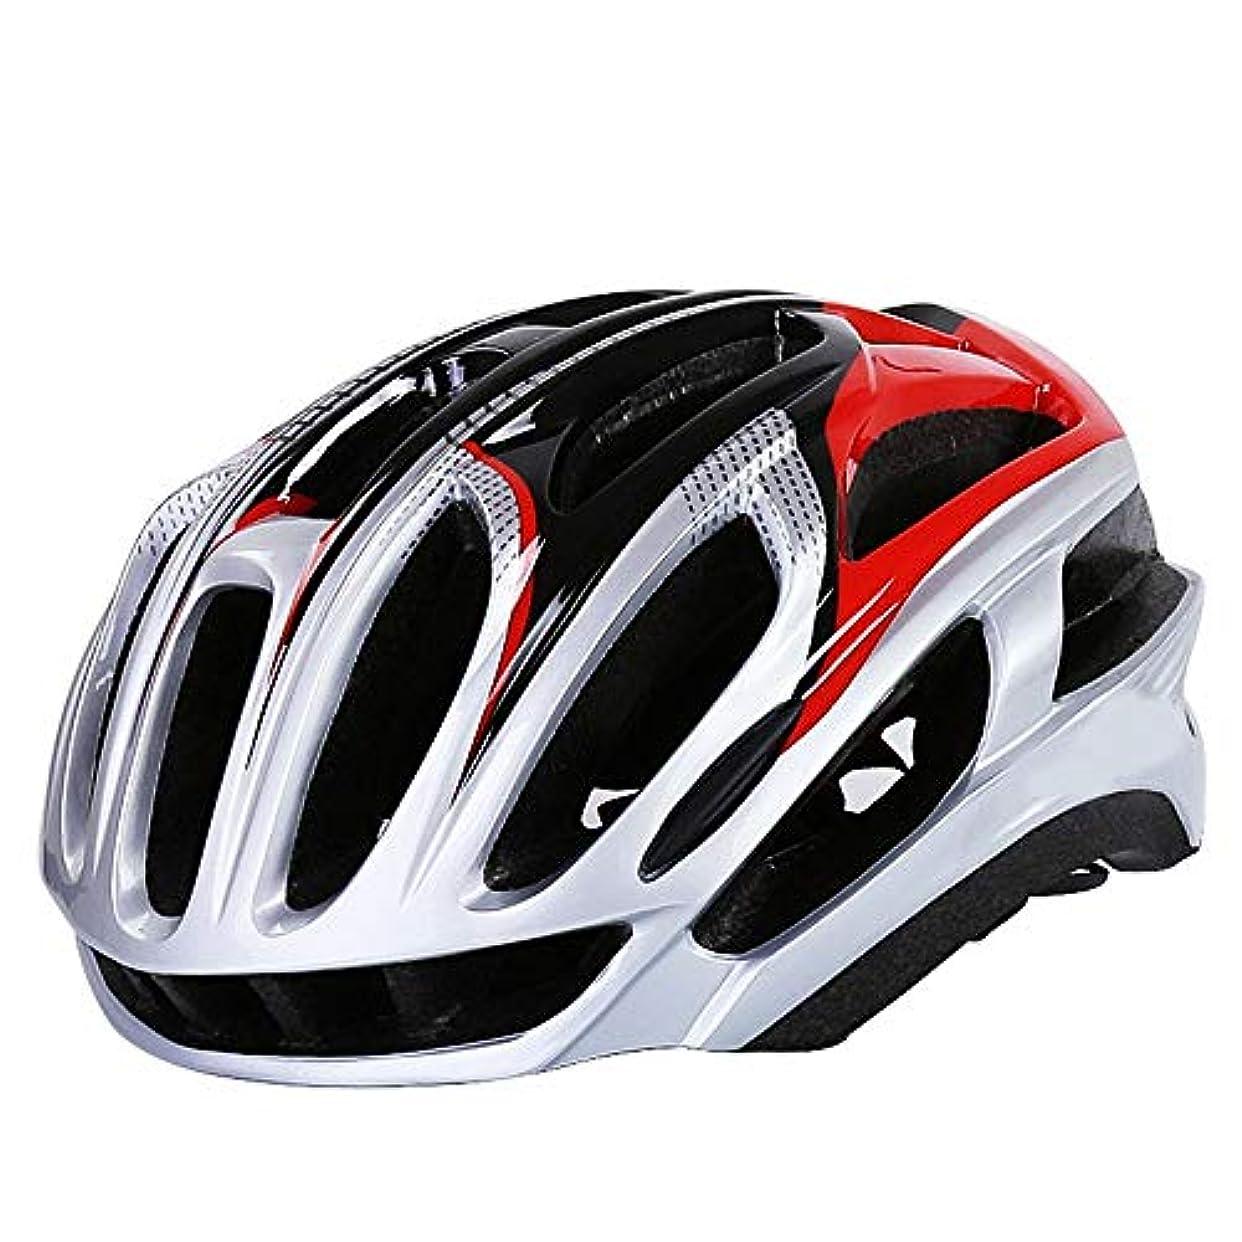 悲鳴算術貸し手HYH ロードバイクヘルメット一体成形ヘルメットヘルメットスポーツ屋外用ヘルメット成人男性と女性を装備 いい人生 (Color : Red)